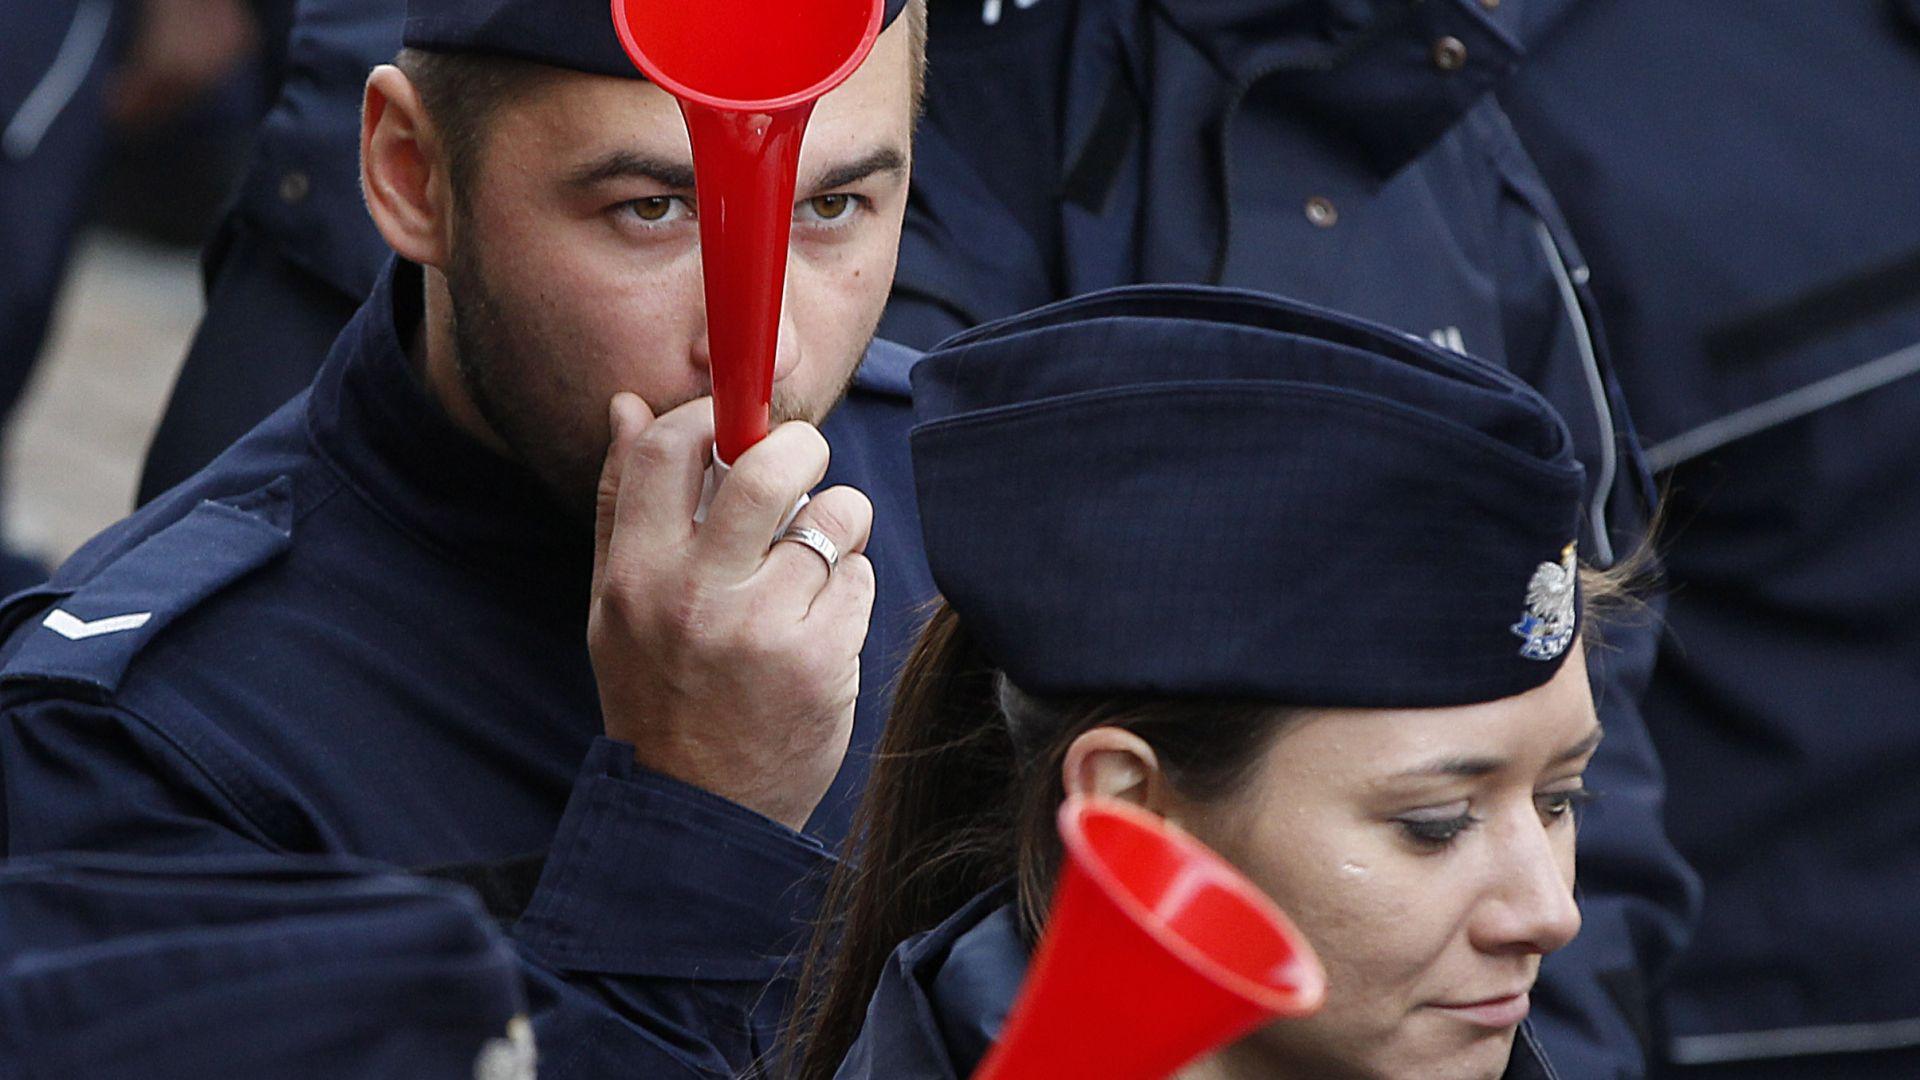 Хиляди полицаи протестираха във Варшава (снимки)